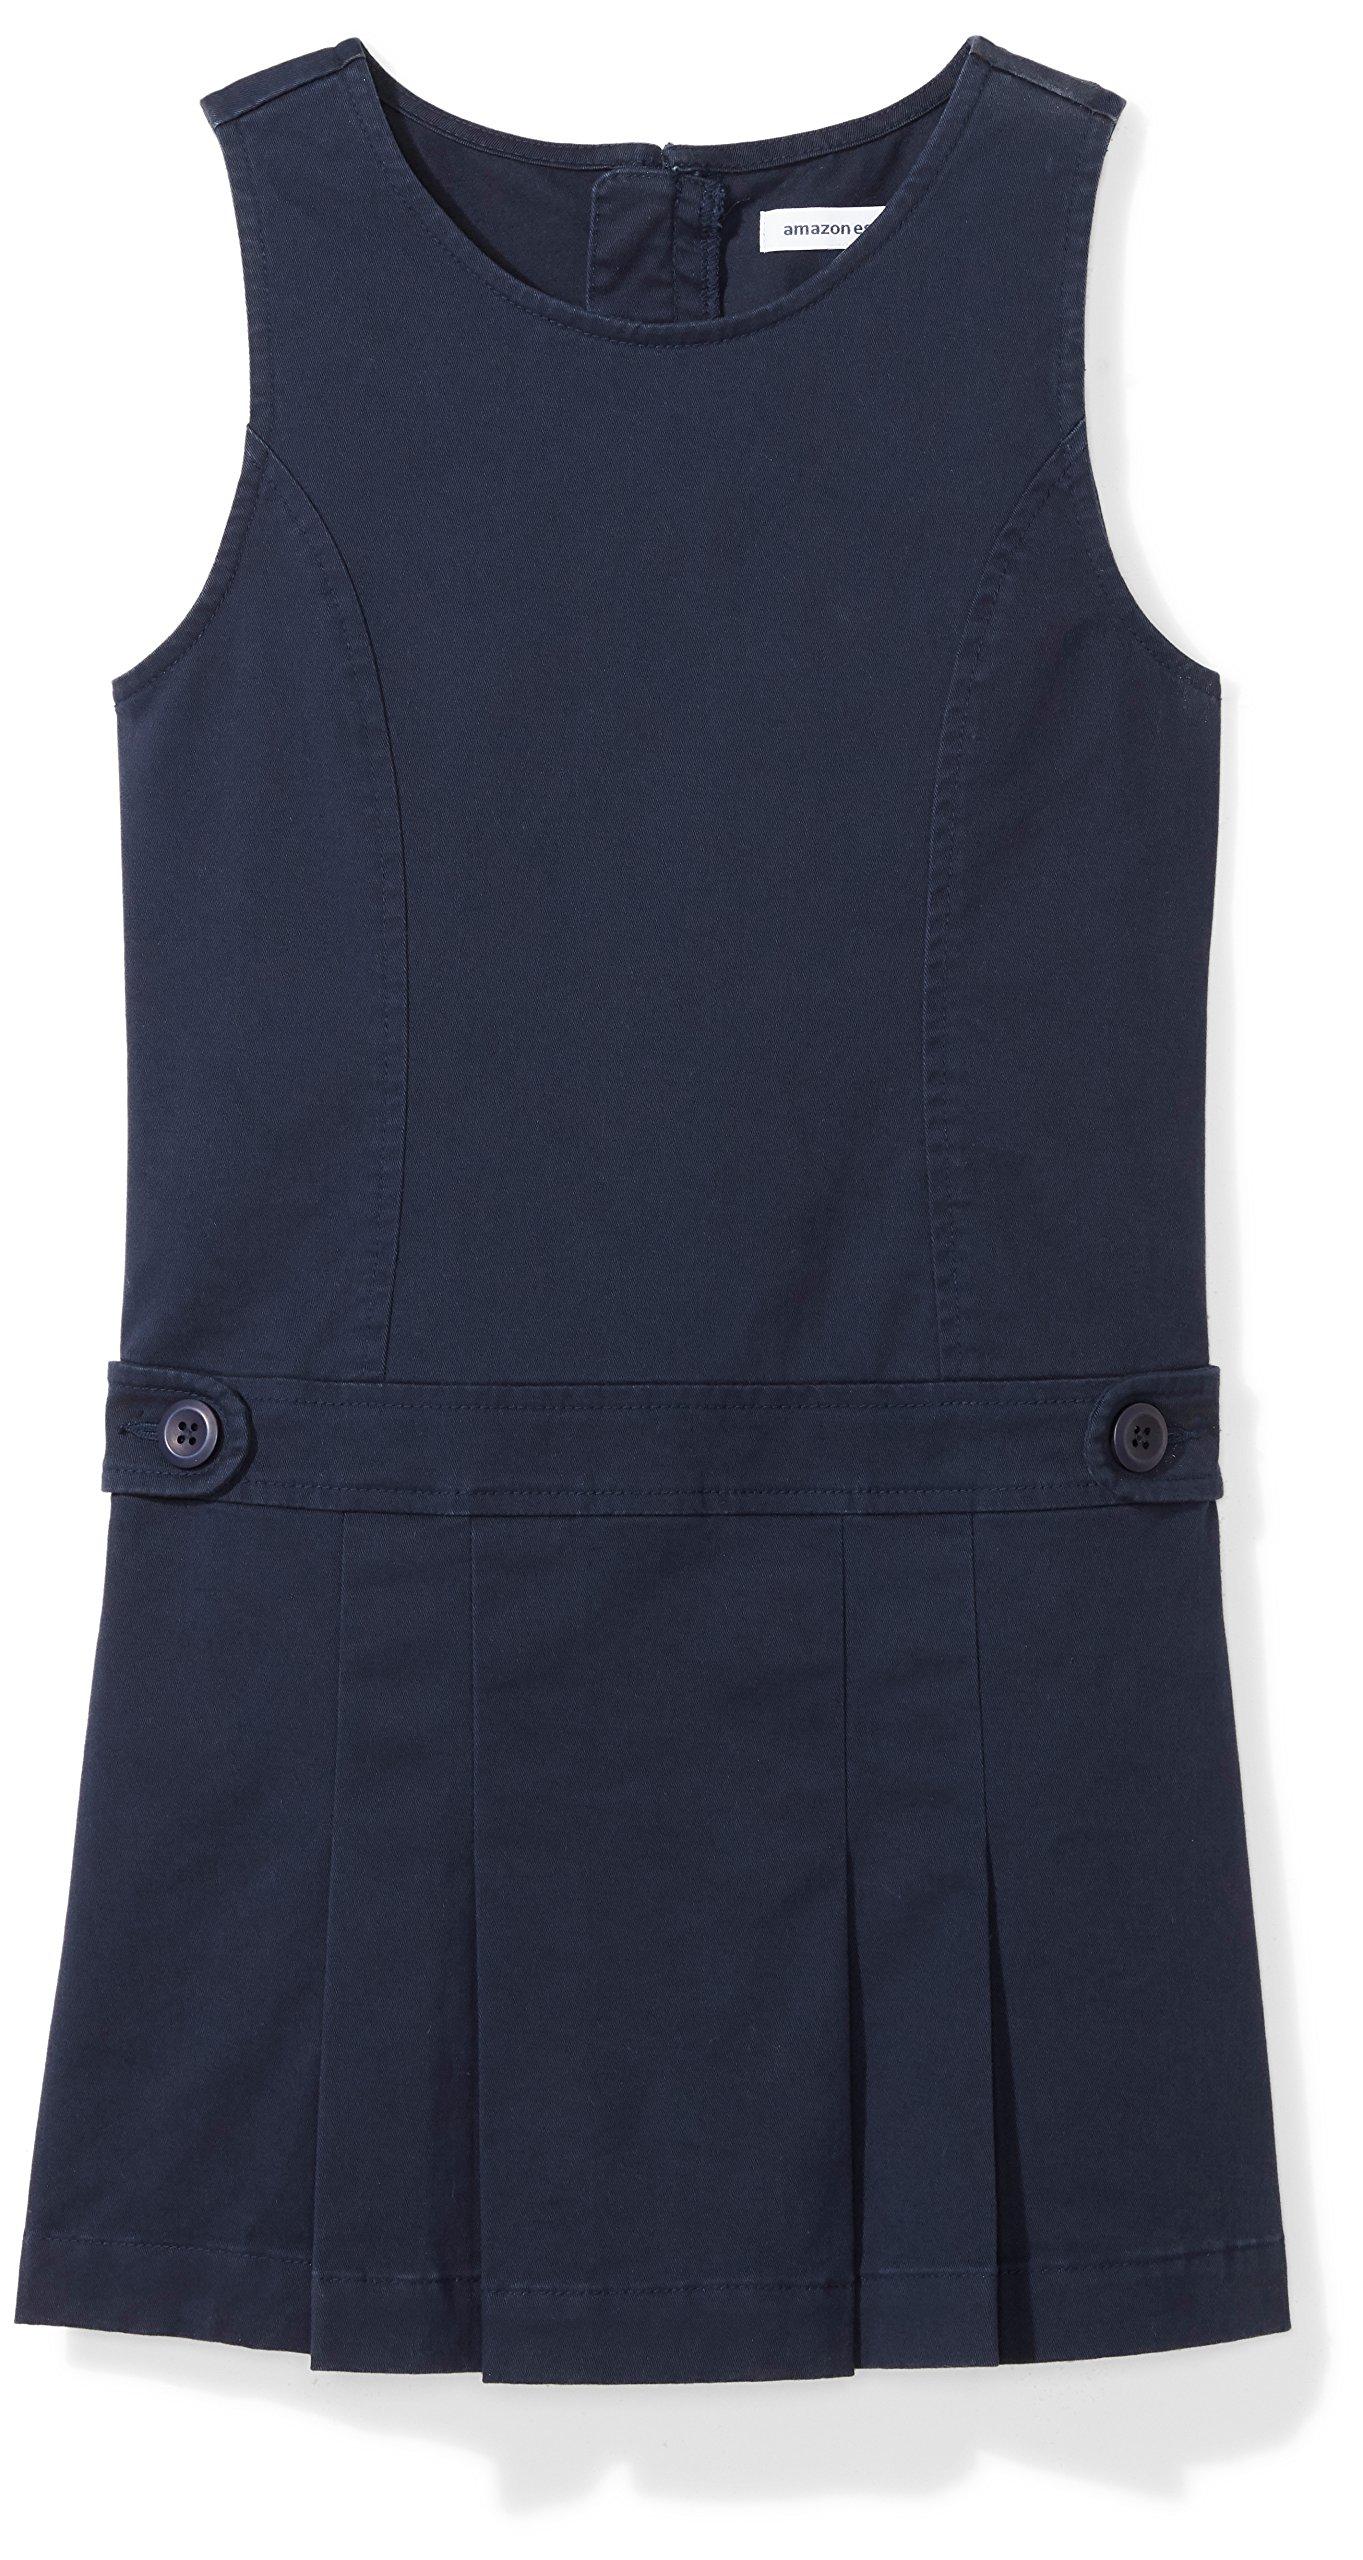 Amazon Essentials Girls' Uniform Jumper, Navy Blazer, S (6/7)